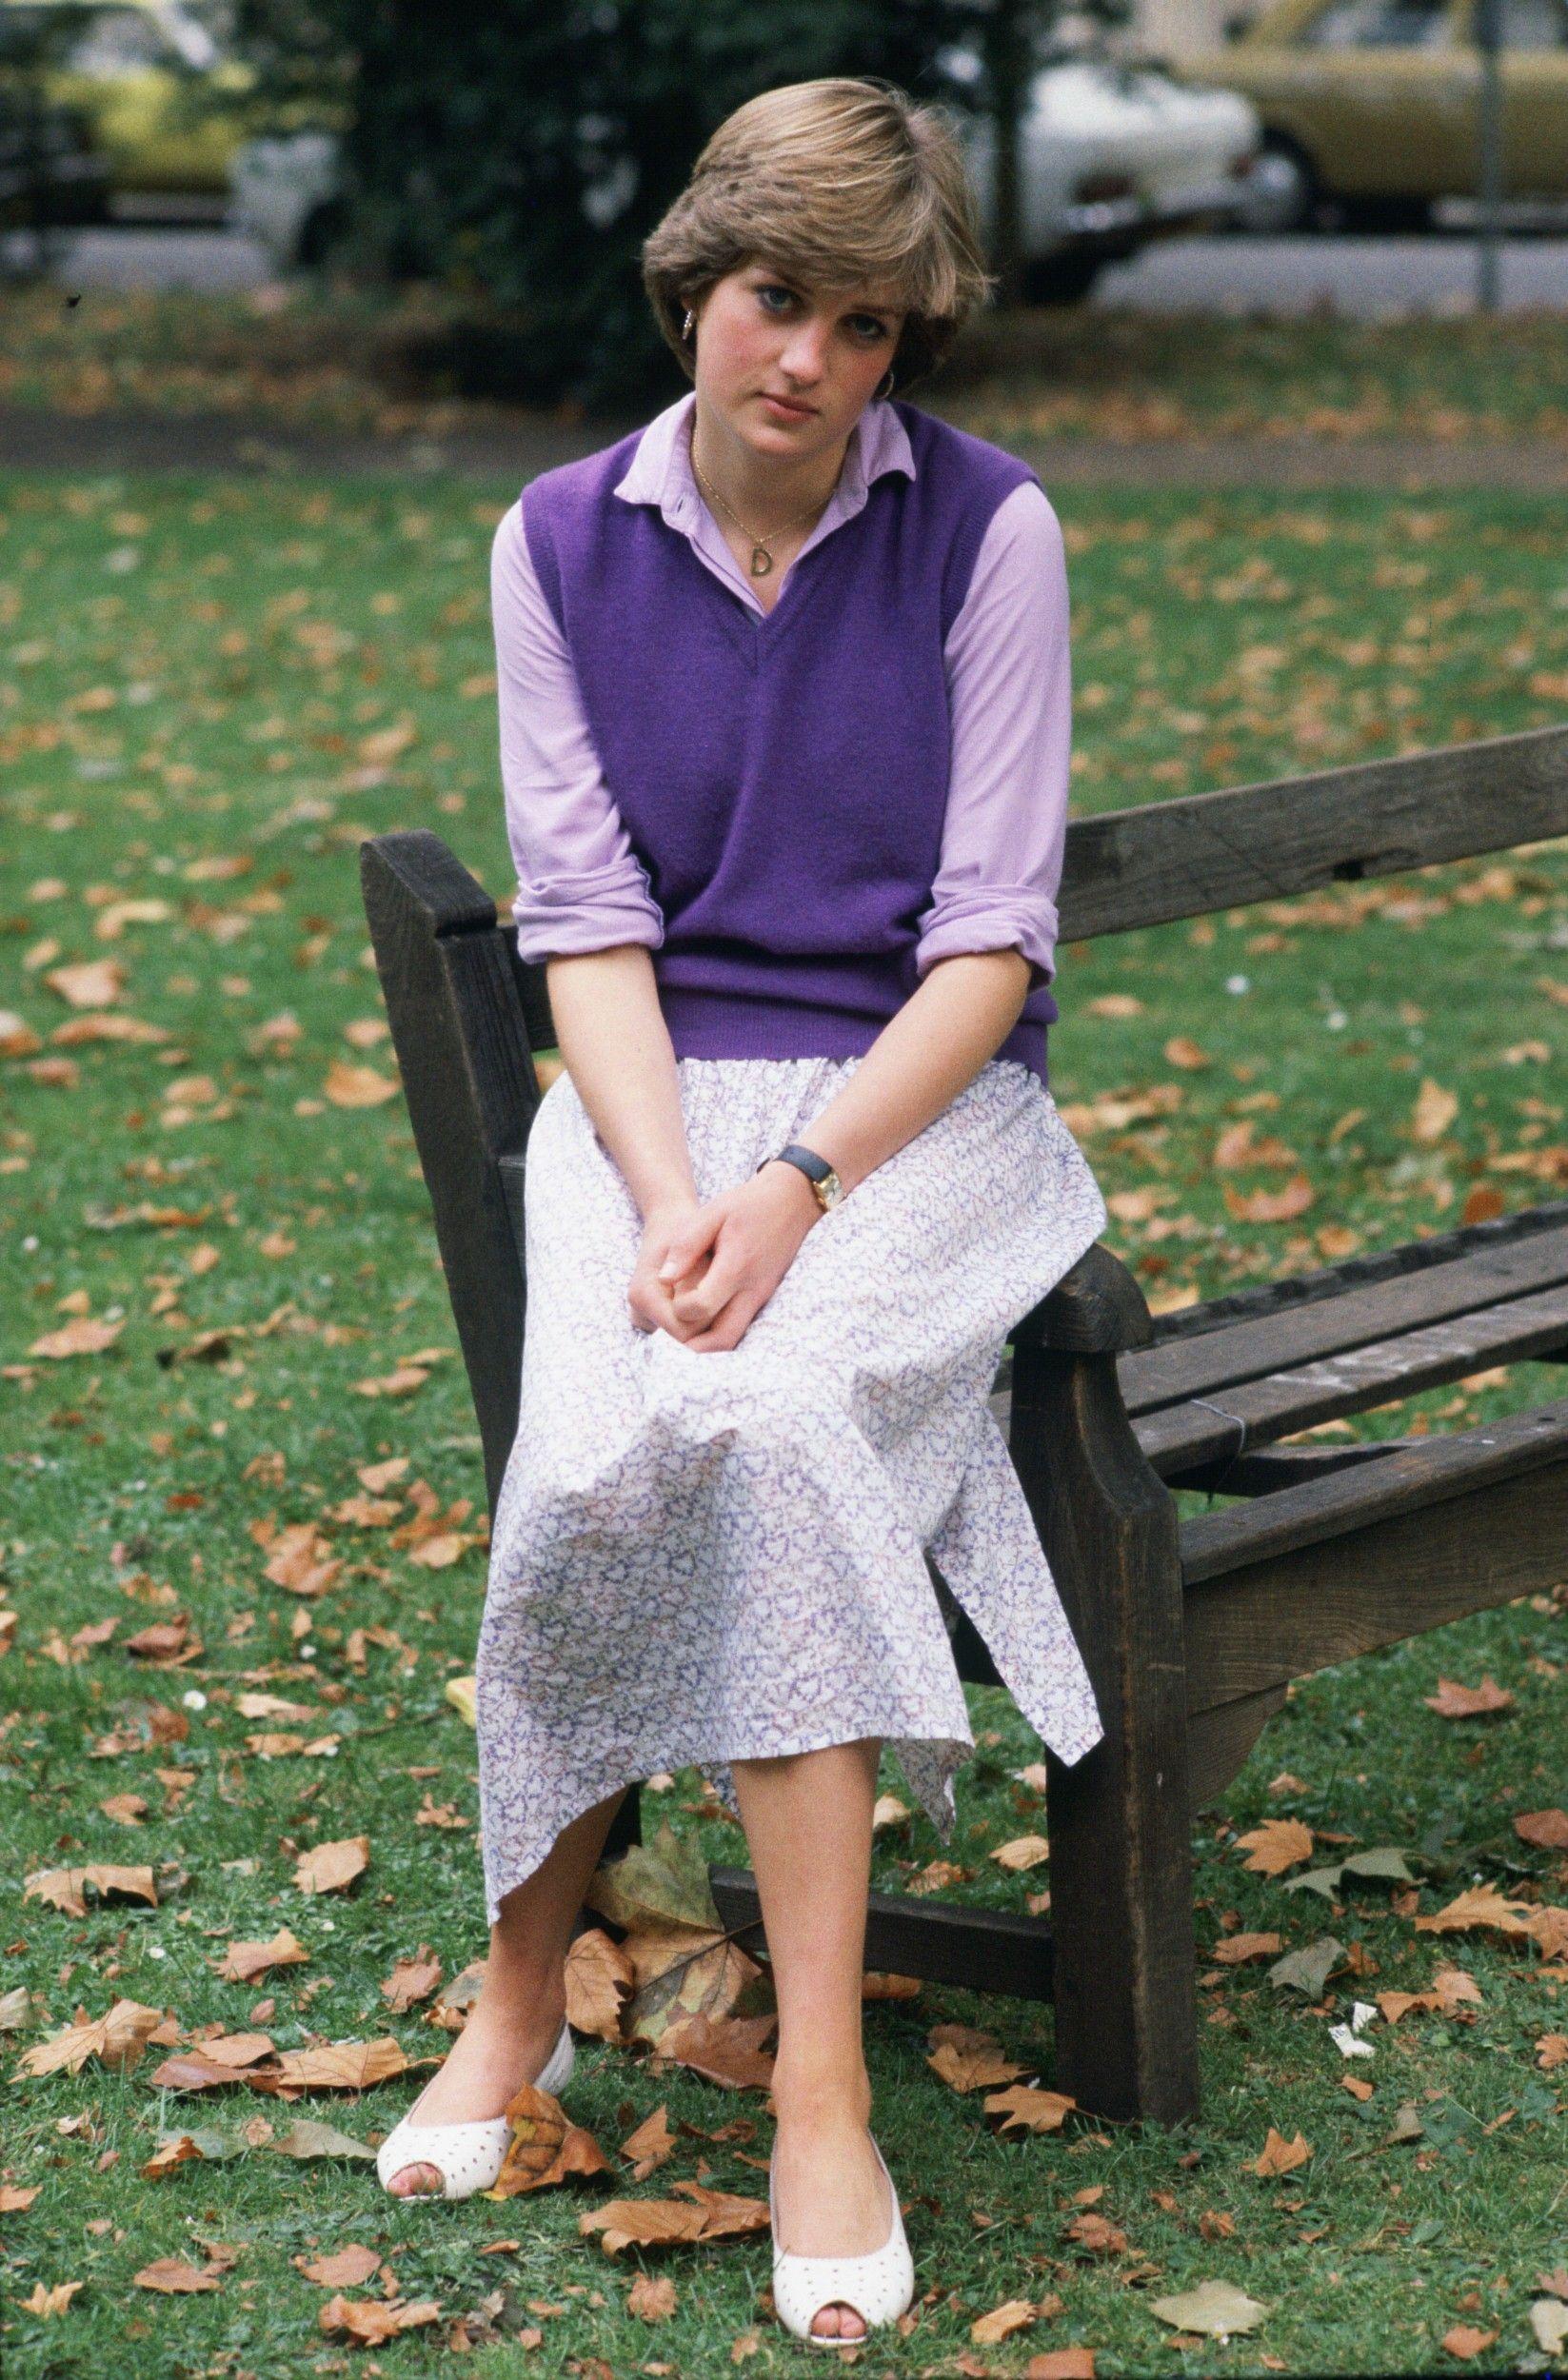 Princess Diana As A 19 Year Old Kindergarten Teacher In 1980 Princesa Diana Princesa Diana De Gales Lady Diana